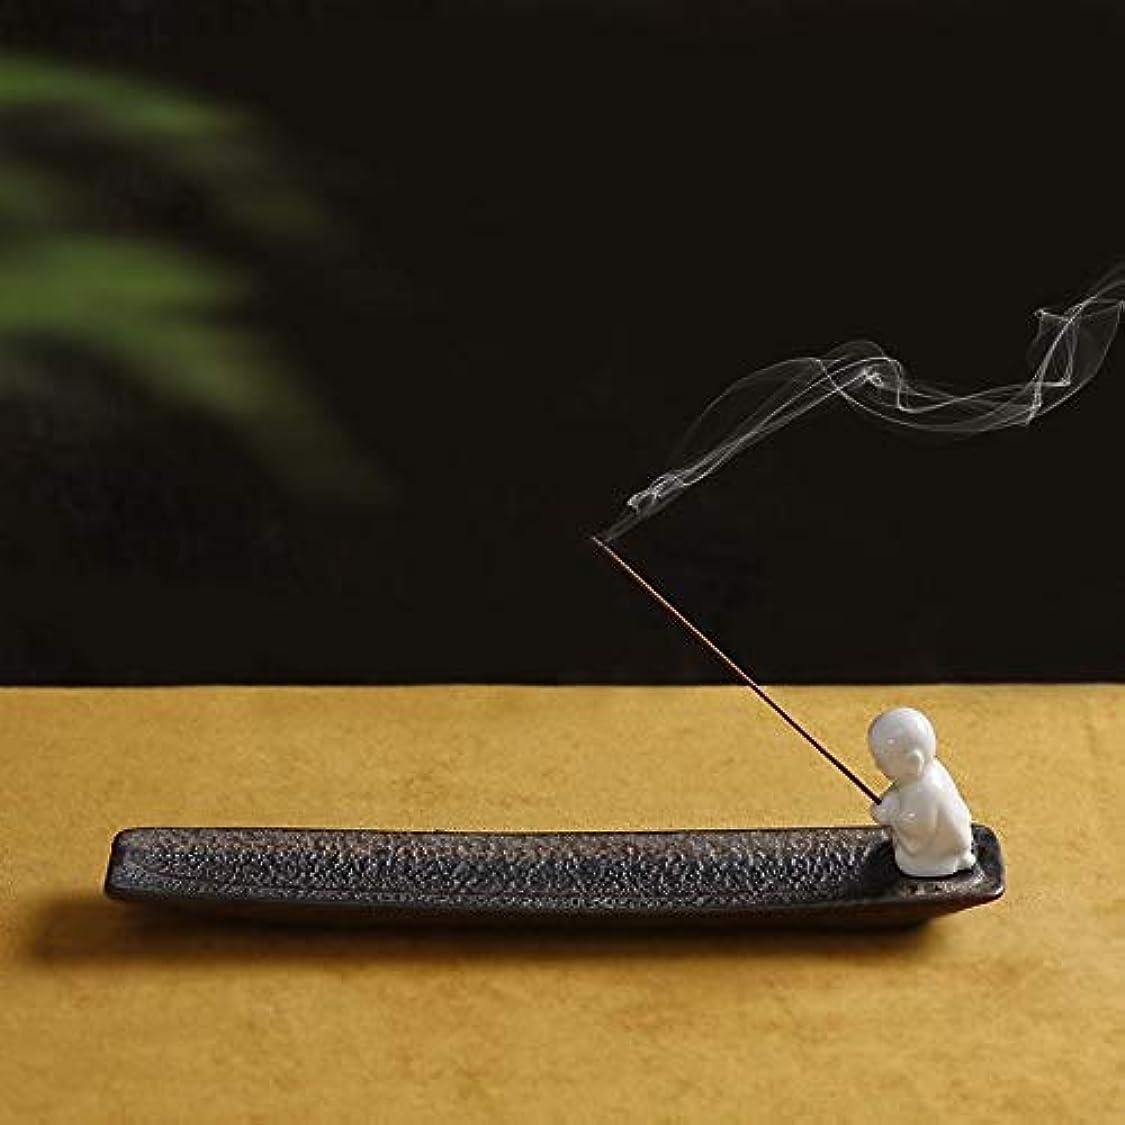 突然の説明的言うまでもなくPHILOGOD 陶器香炉 クリエイティブスタイリング香置物 仏壇用線香立て 香皿